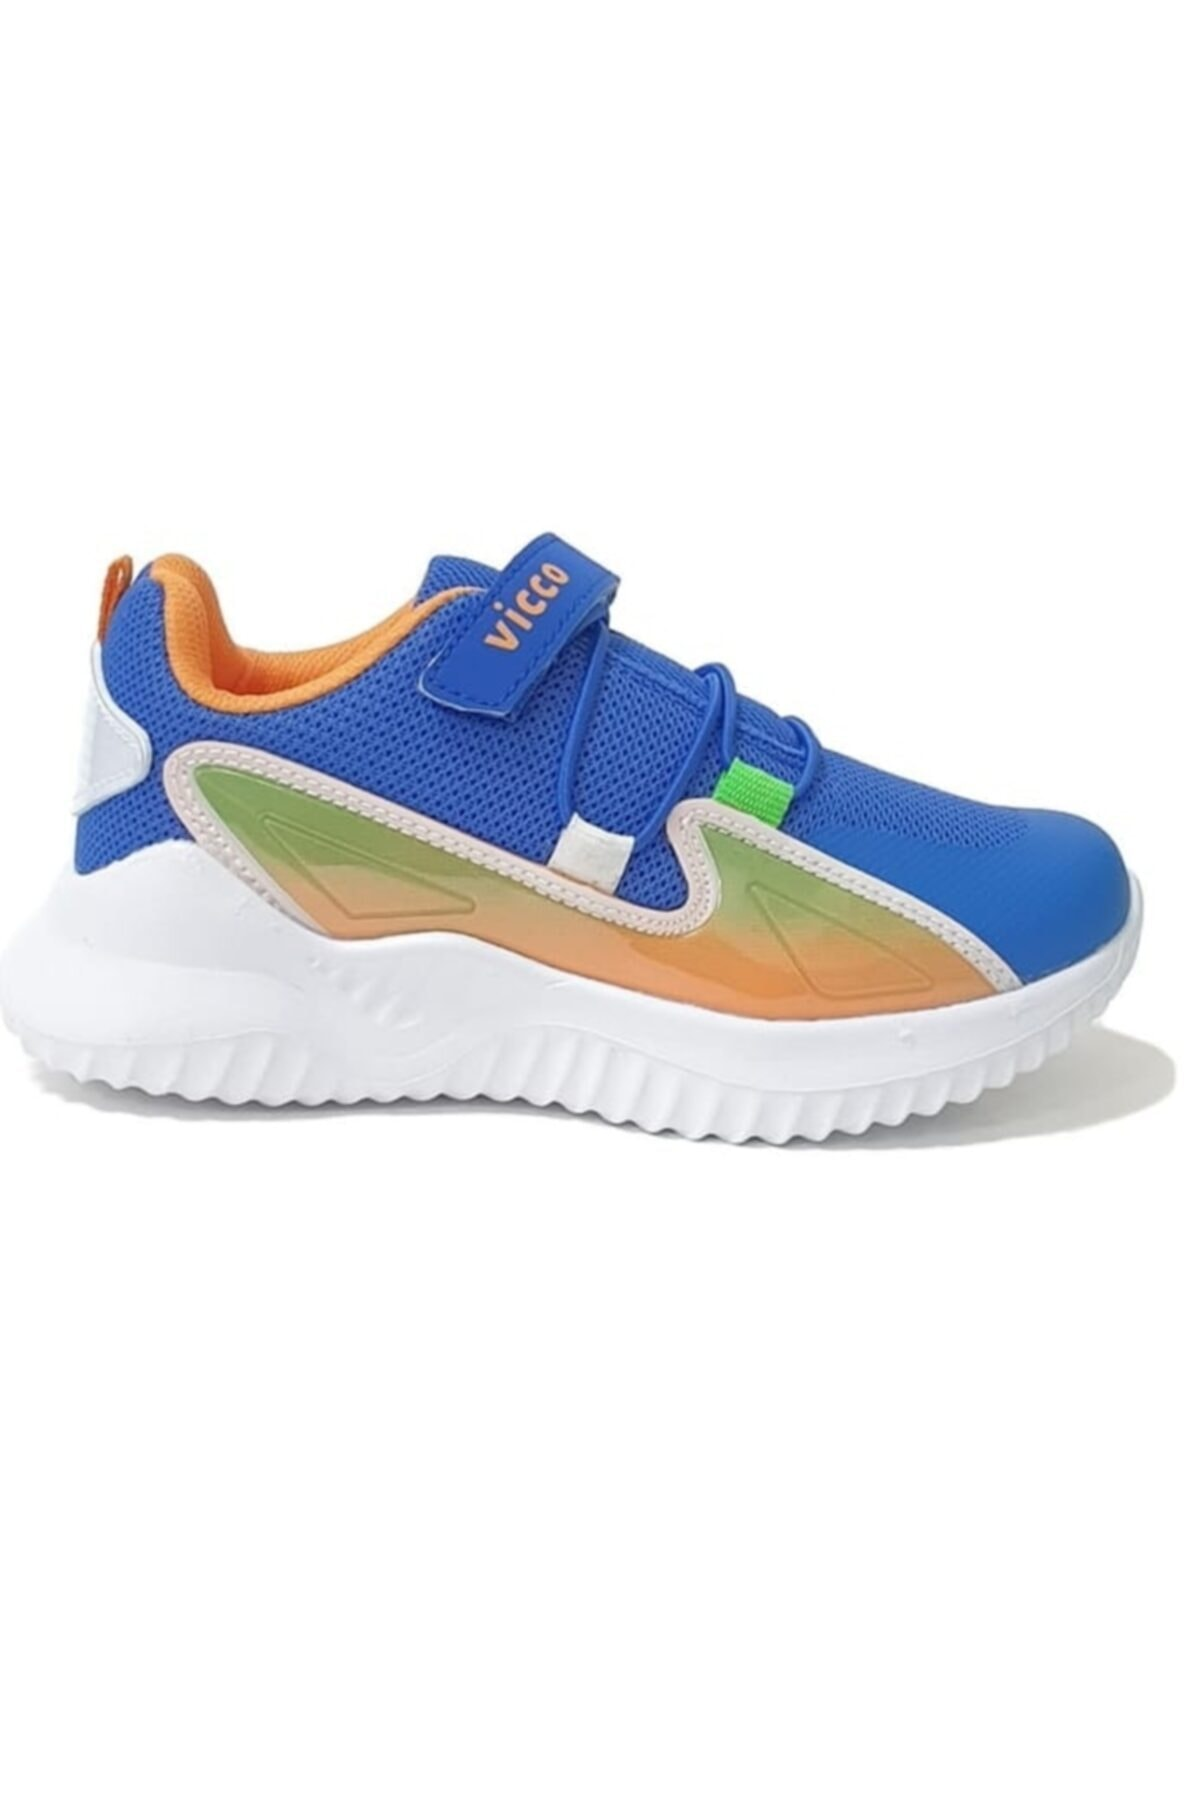 Vicco Yoga Erkek Çocuk Saks Mavi Phylon Spor Ayakkabı 1